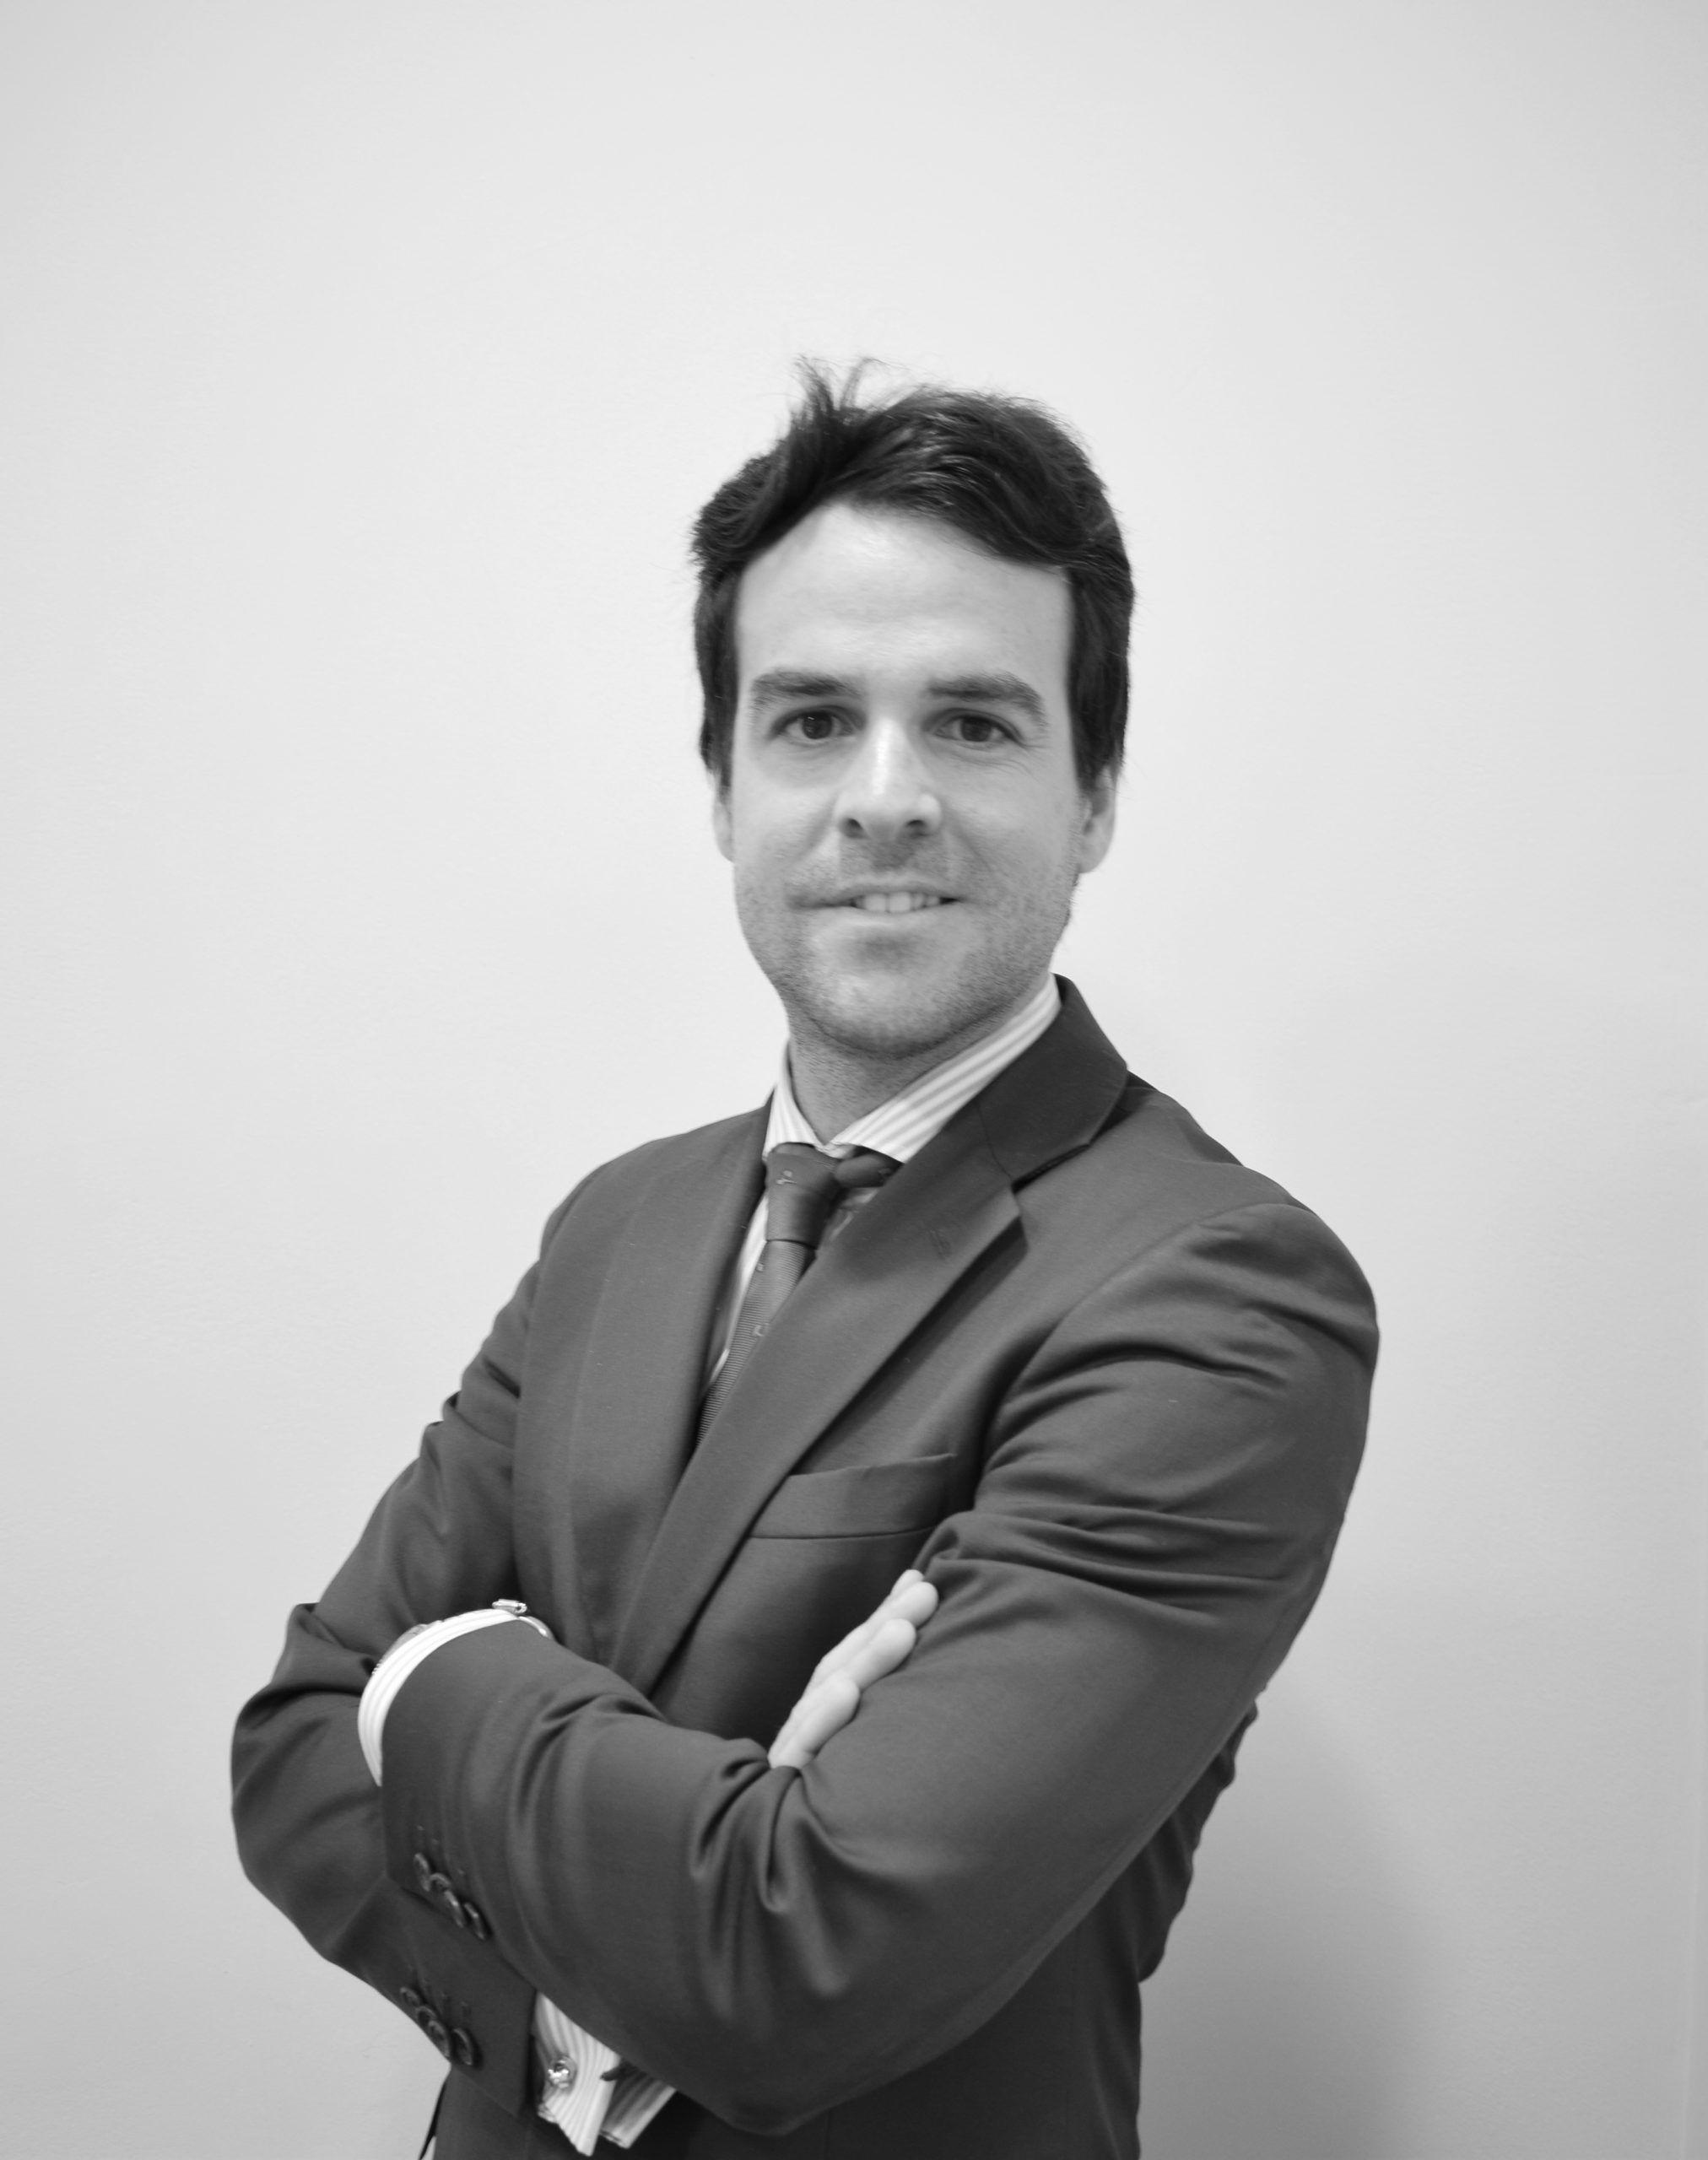 José Segura Prieto